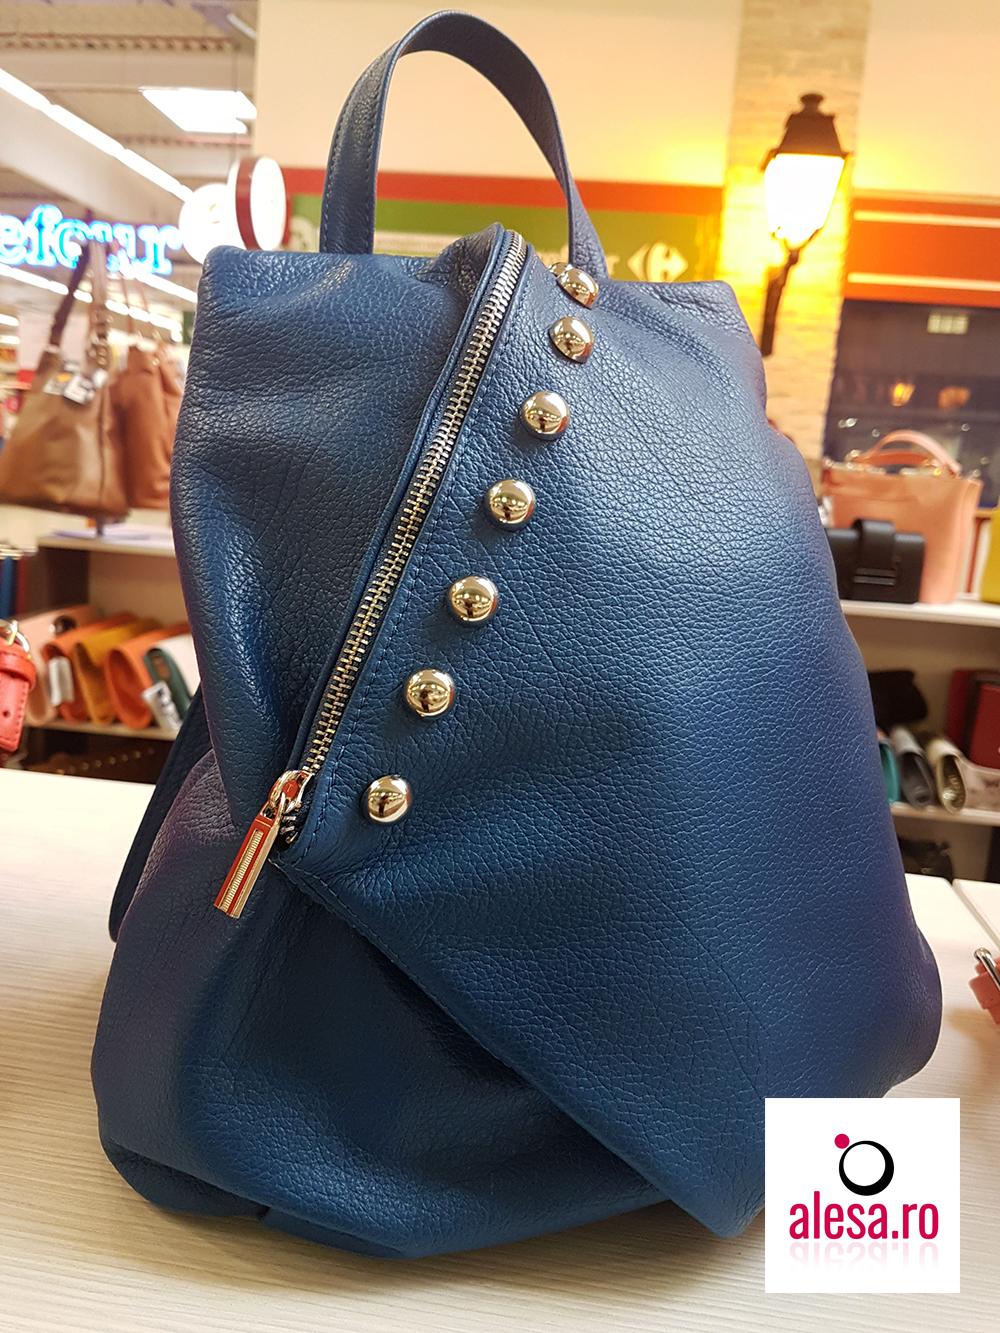 Un rucsac de dama albastru, de o calitate deosebita, cu accesorii aurii